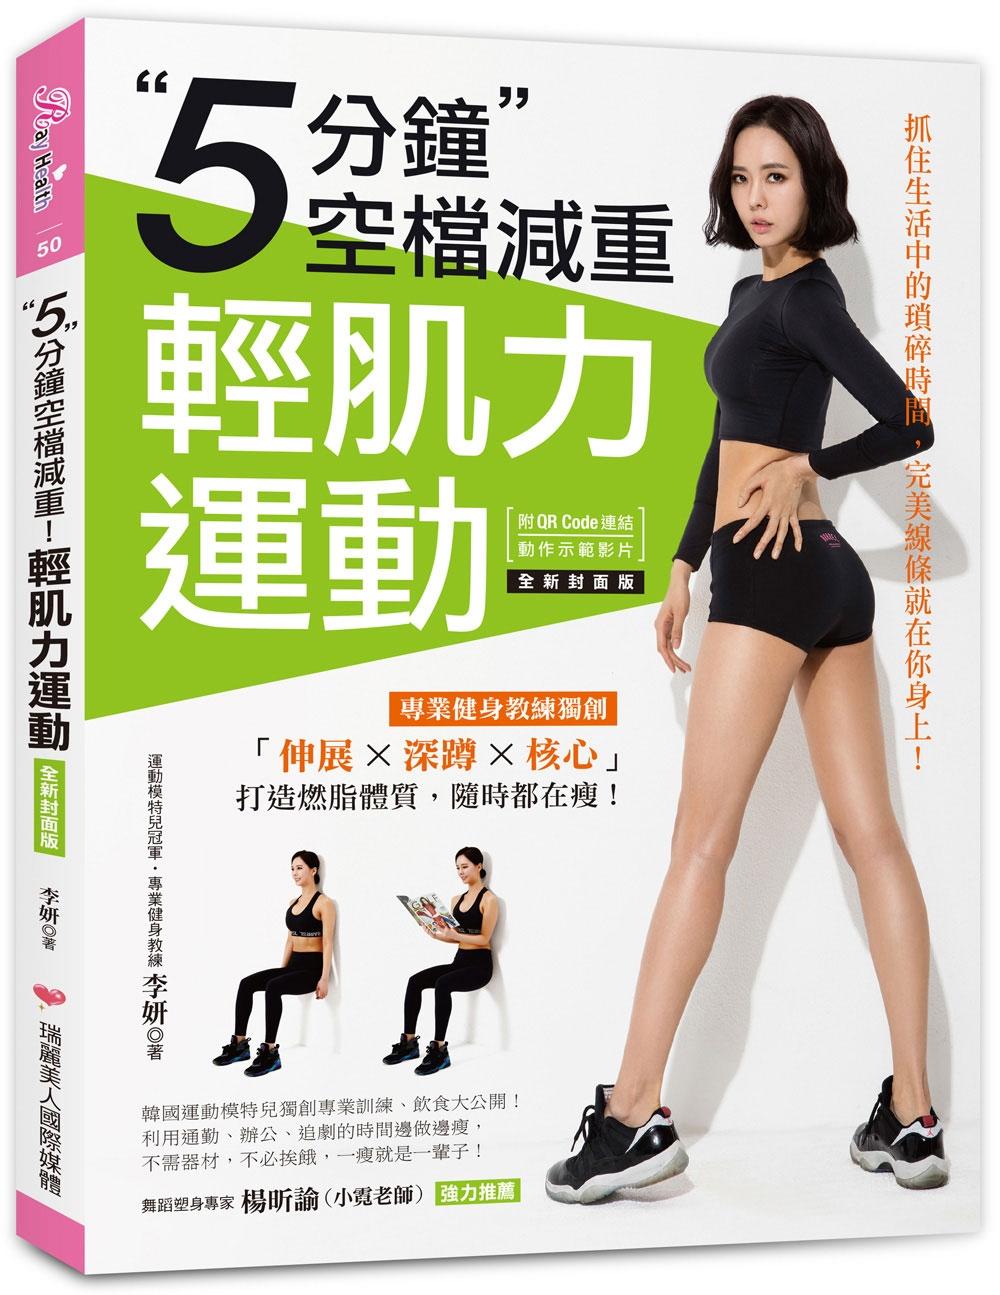 5分鐘空檔減重!輕肌力運動【全新封面版】:專業健身教練獨創『伸展×深蹲×核心』 打造燃脂體質,隨時都在瘦!